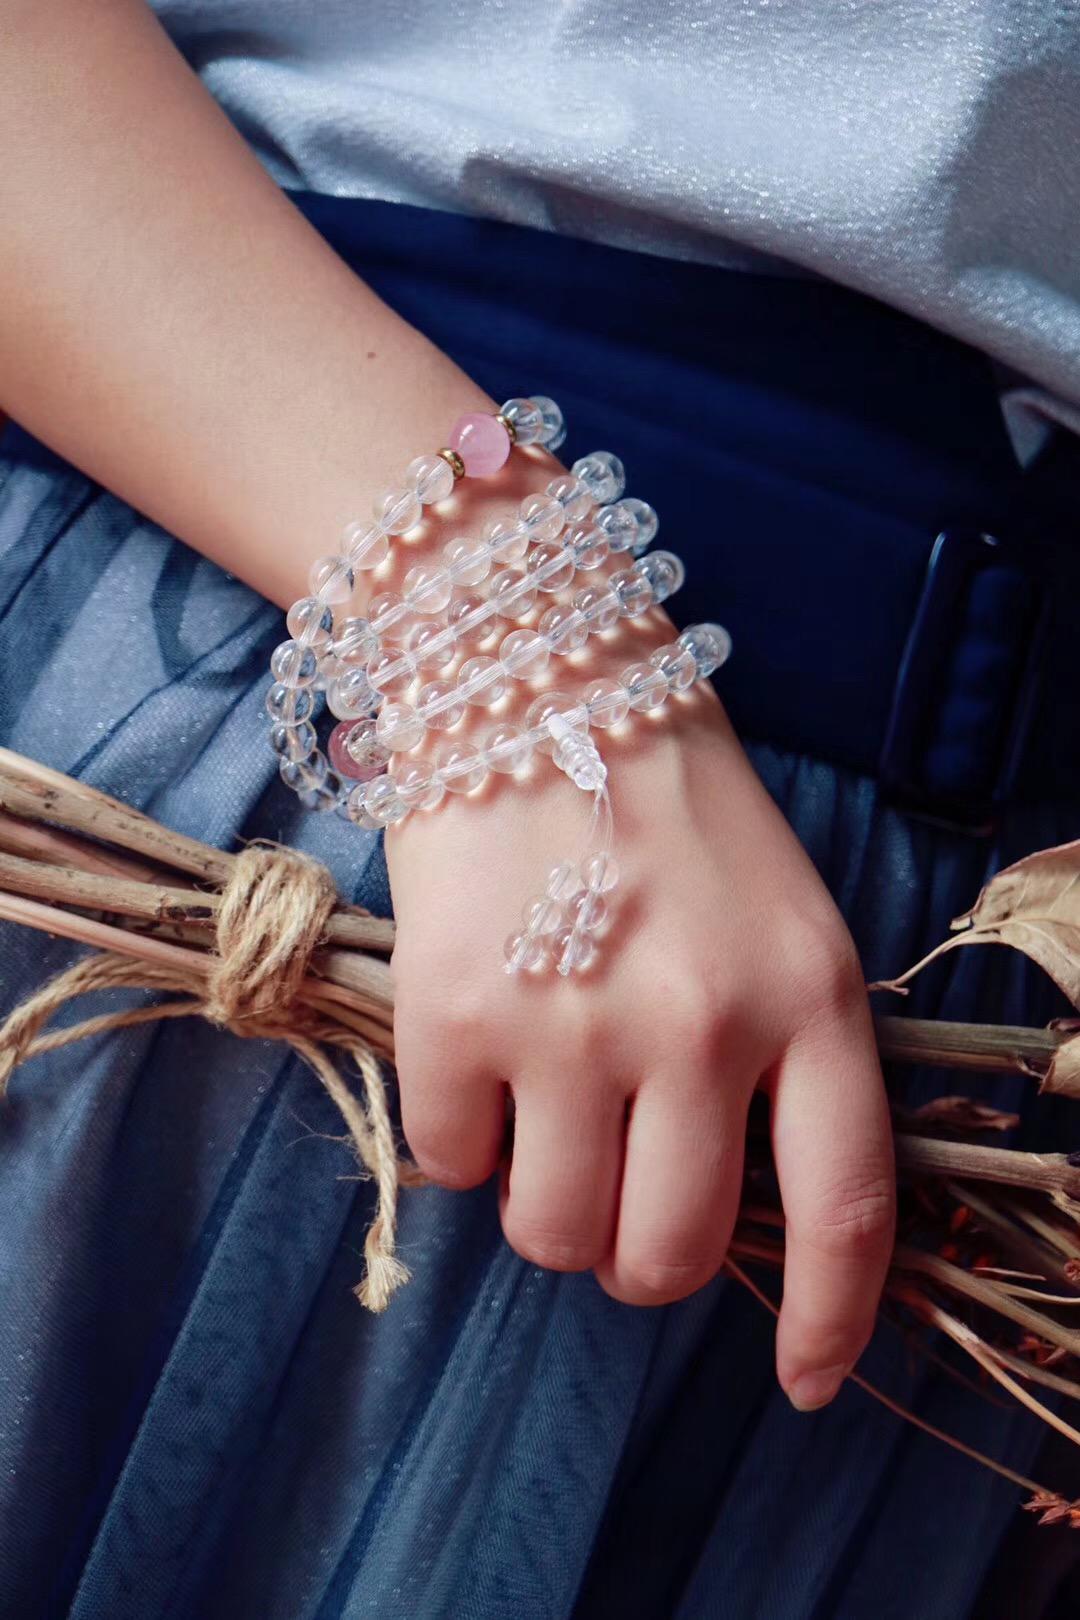 【白水晶佛珠】每次串佛珠,都能在内心得到一些释放-菩心晶舍